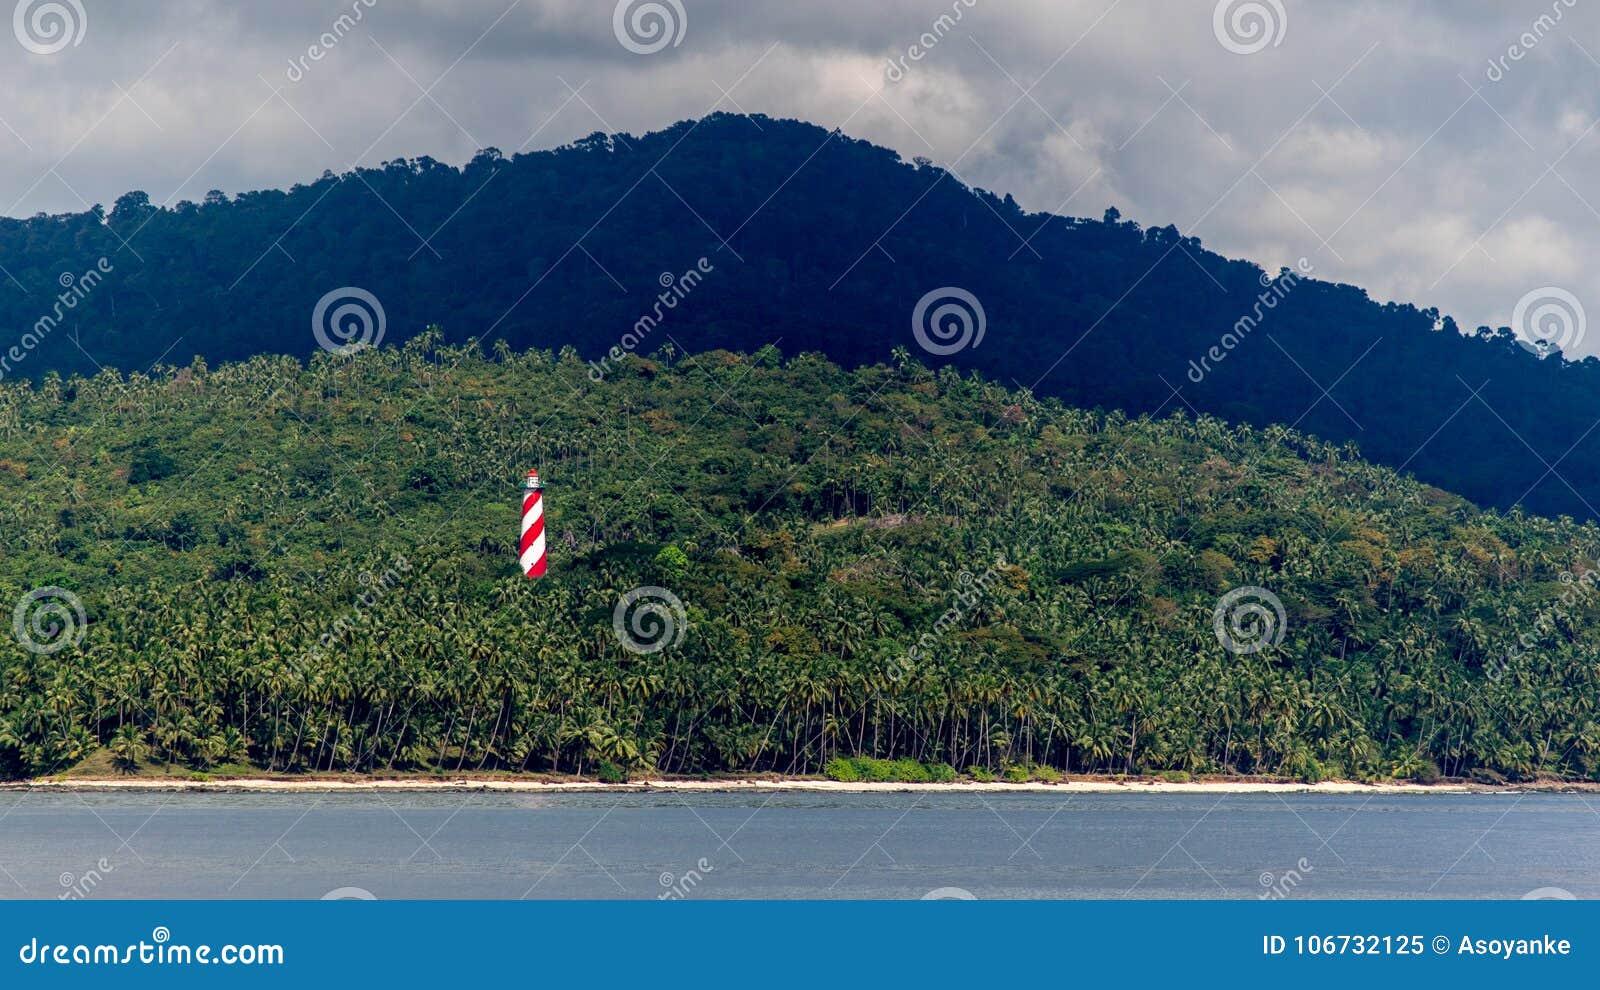 Imagem do farol na ilha norte Andaman da baía, tiro da cadeia celular, Port Blair